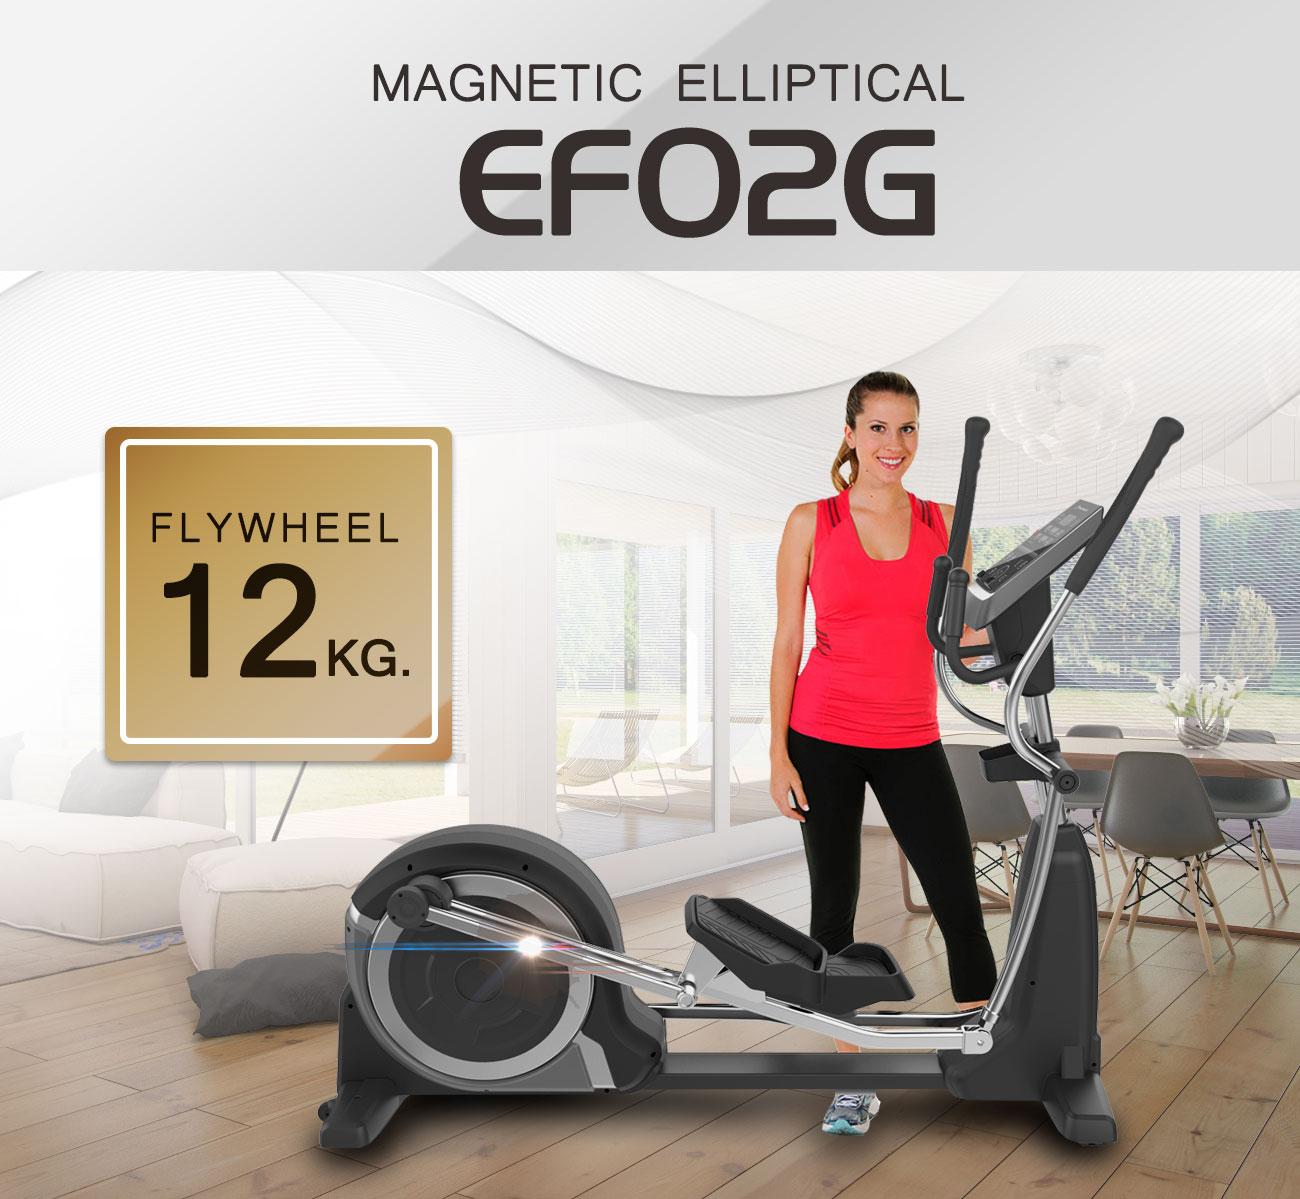 เครื่องเดินวงรี Electronic Magnetic Elliptical bike EF02G ( Flywheel 12 KG. )